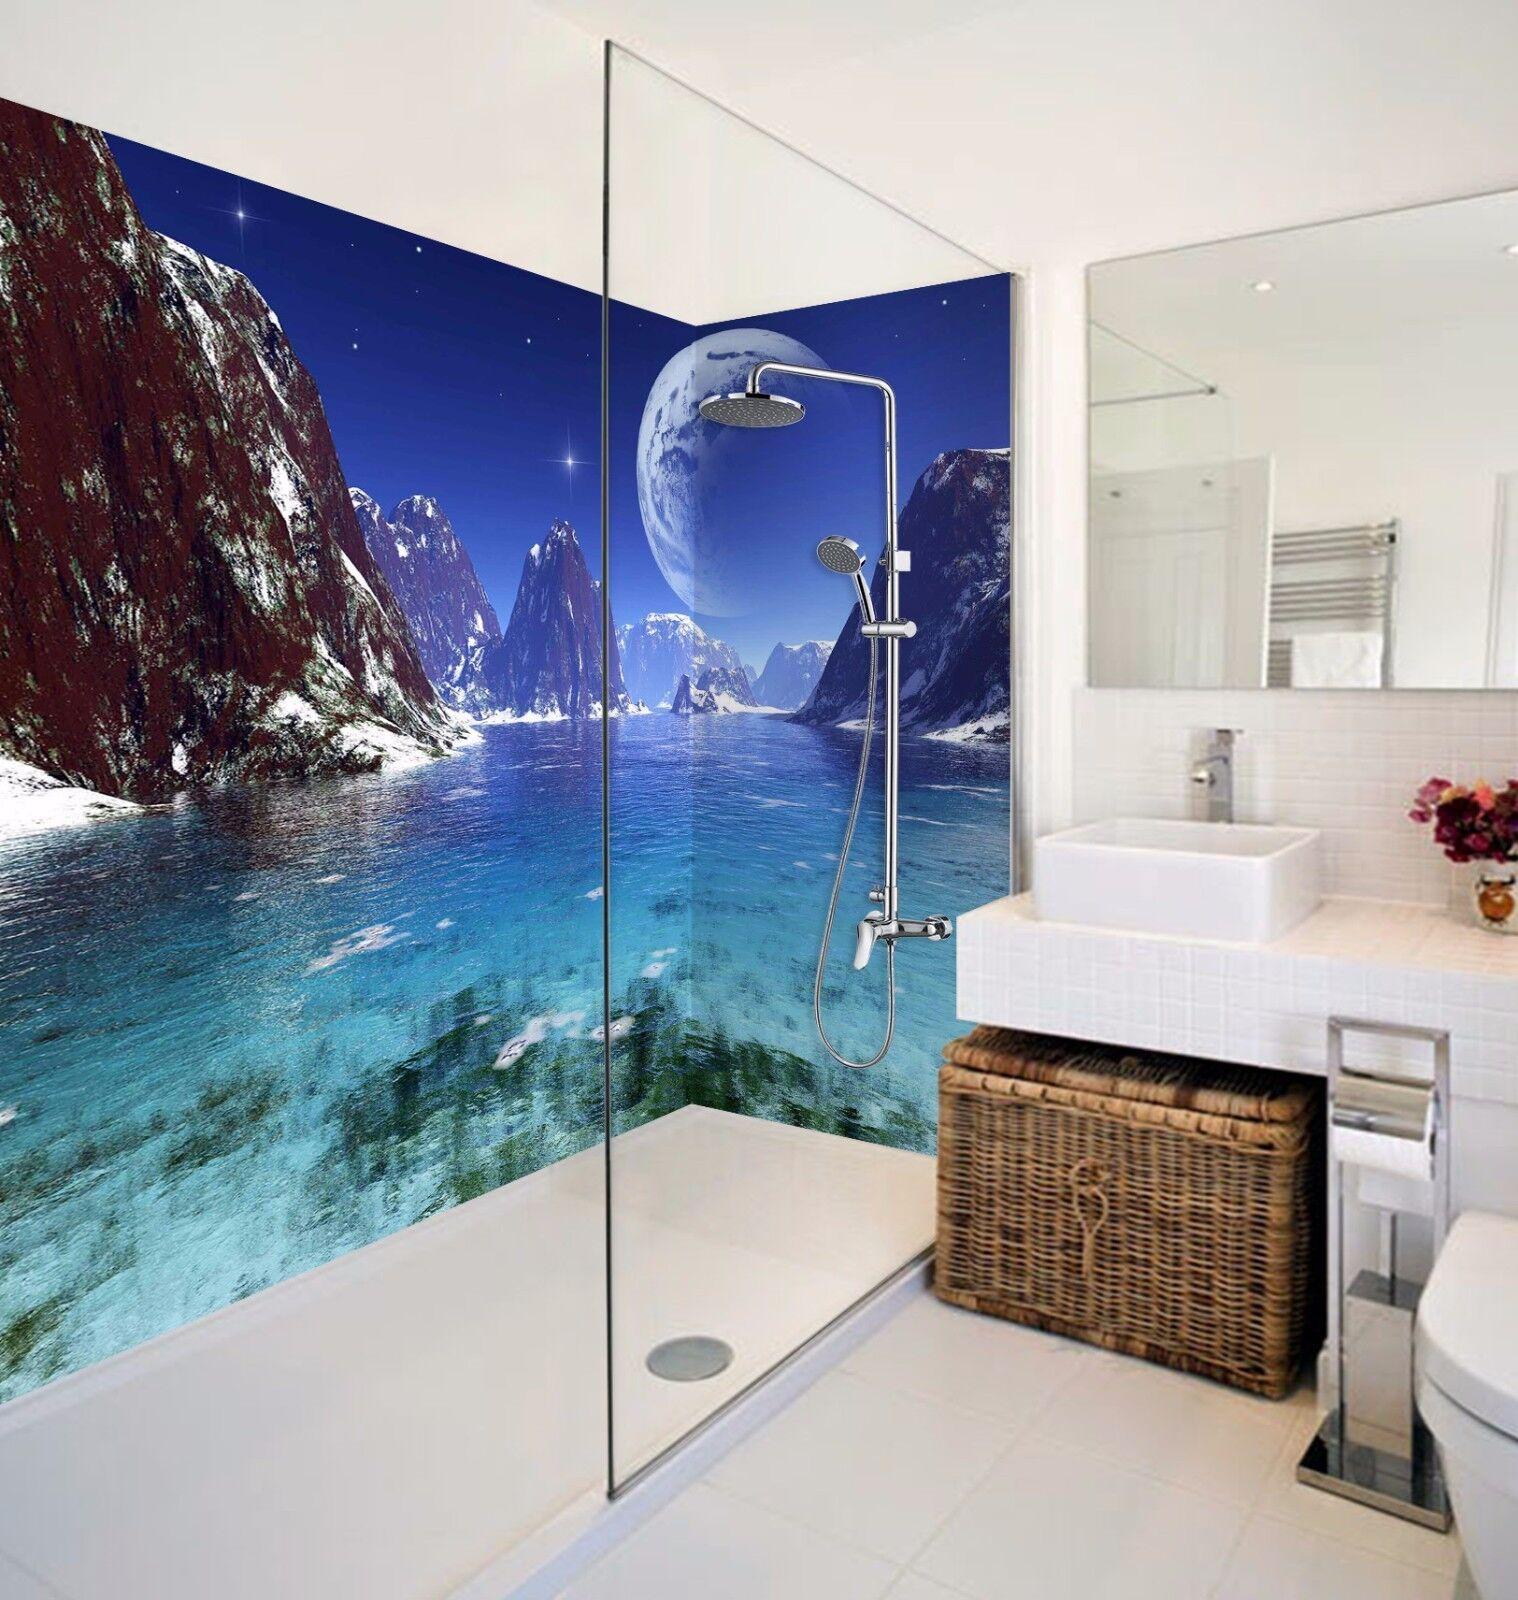 3D Mountain 739  WallPaper Bathroom Print Decal Wall Deco AJ WALLPAPER AU